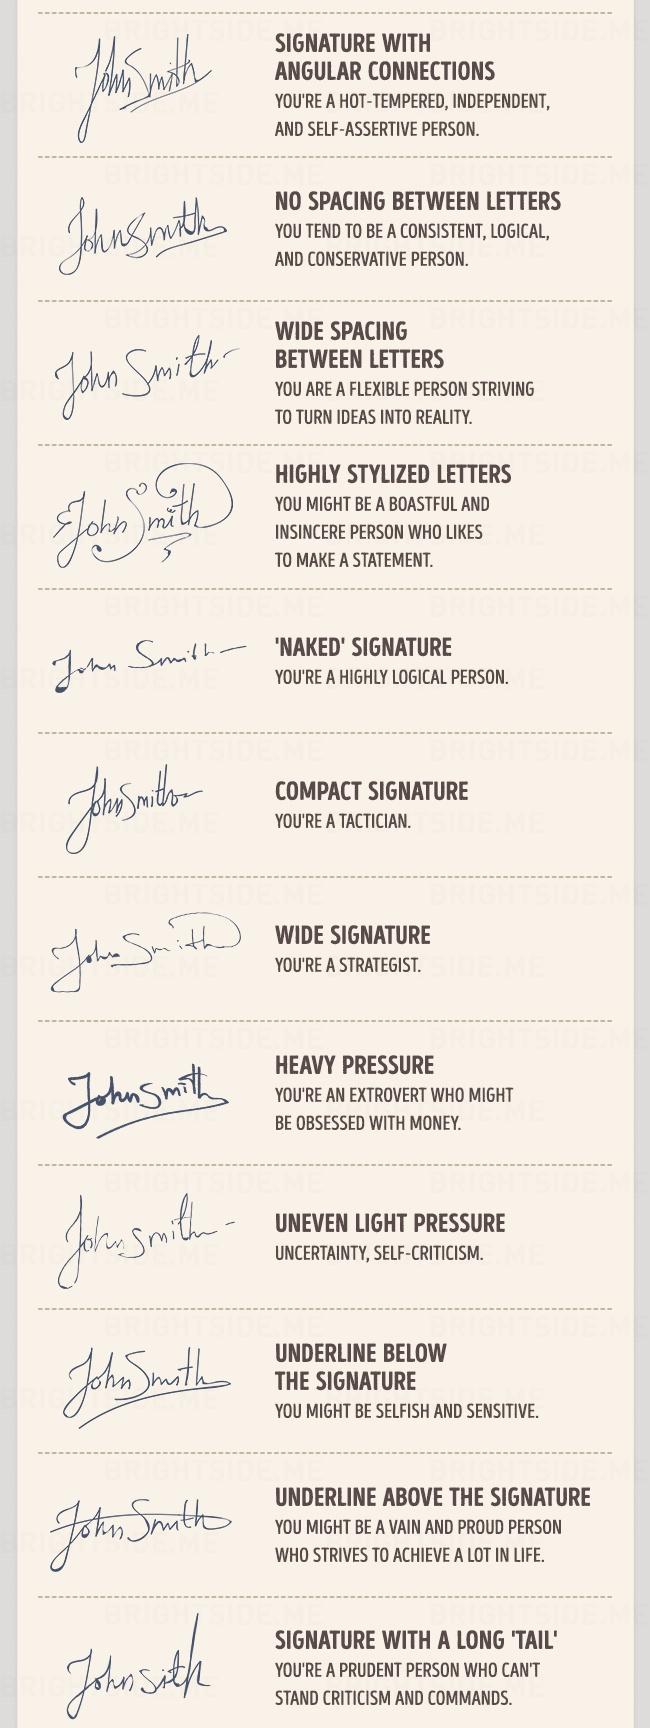 (2) Како да откриете нечиј карактер според нивниот потпис?